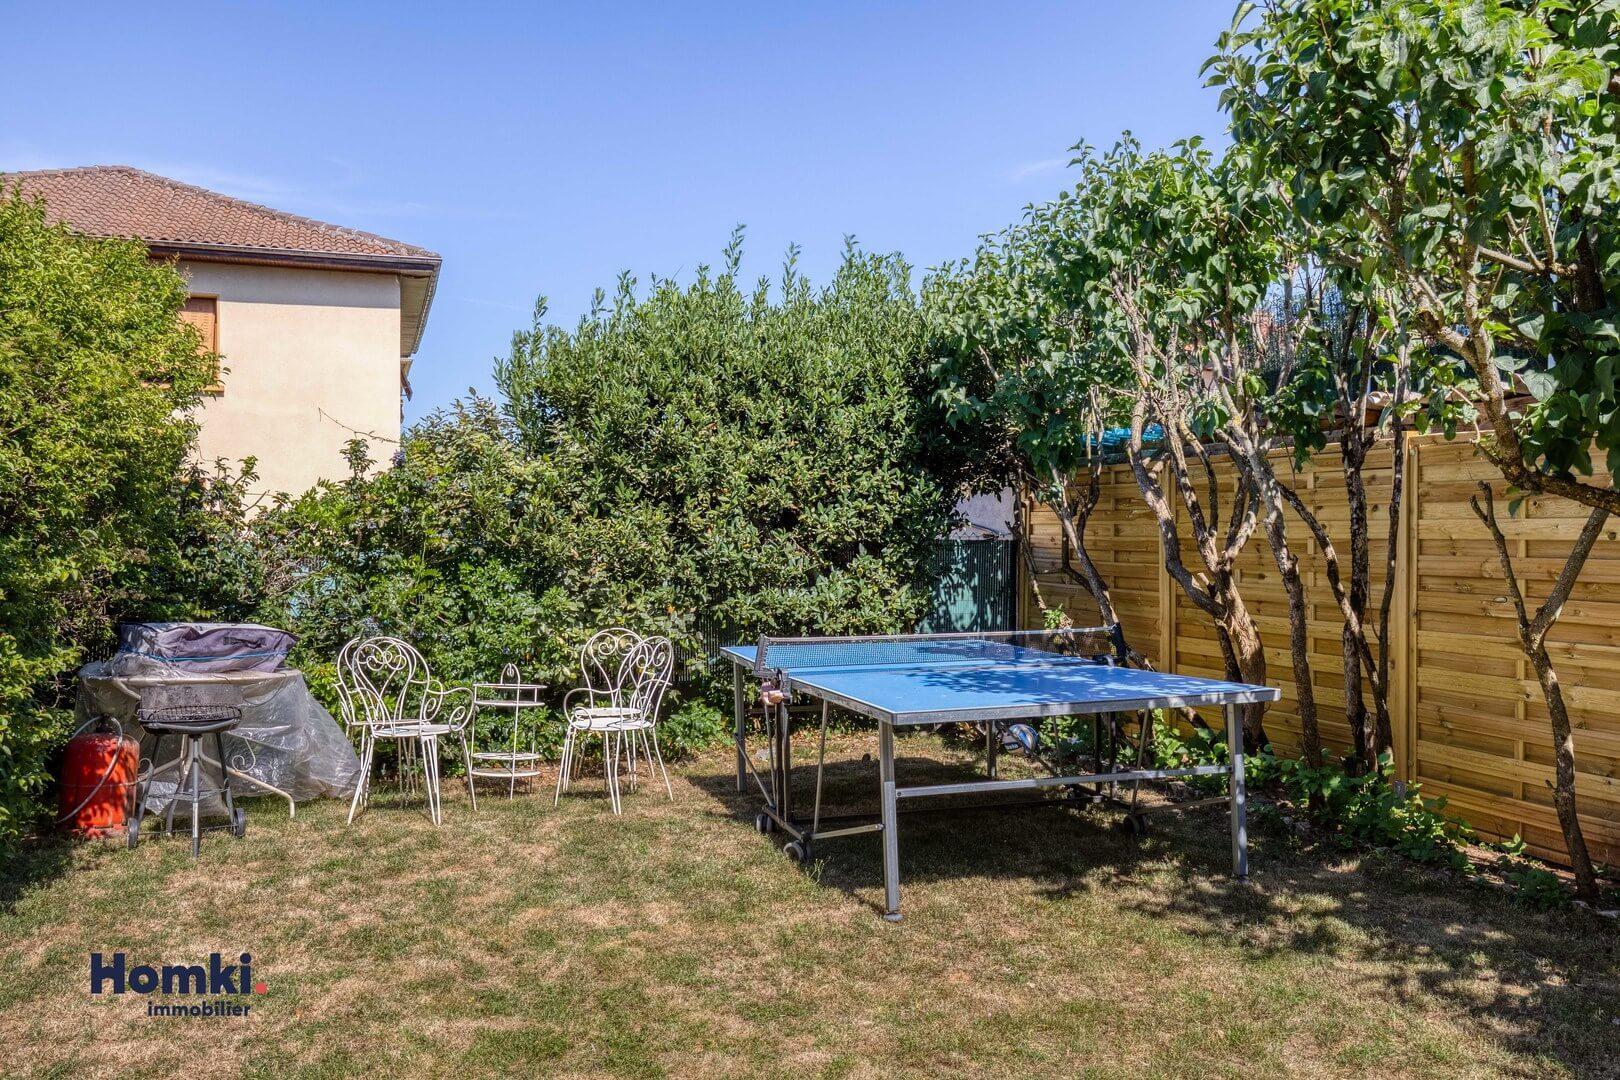 Vente maison 140m² T6 69800_11